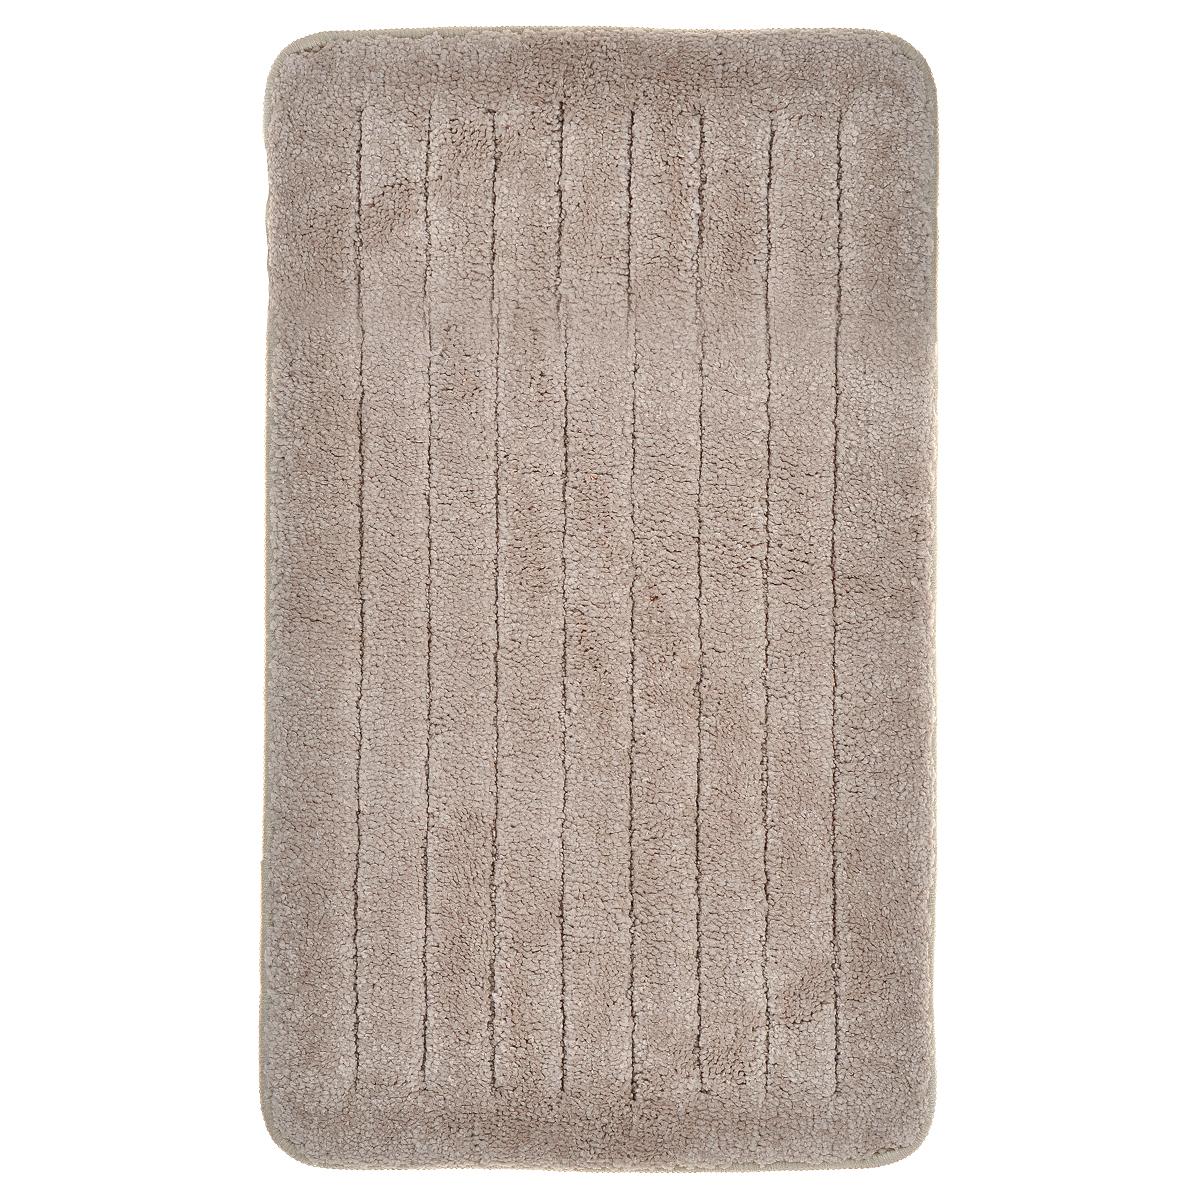 Коврик для ванной комнаты Milardo Street Way, 40 см х 70 см. MMI100M4606400204268Коврик для ванной комнаты Milardo Street Way выполнен из микрофибры (100% полиэстер) - это особо мягкий материал, изготовленный из тончайших волокон. Коврик удивительно приятен и нежен на ощупь, обладает уникальными впитывающими свойствами. Он имеет латексную основу, благодаря которой он не скользит по полу. Края коврика обработаны оверлоком. Можно использовать на полу с подогревом.Коврик можно стирать в стиральной машине в щадящем режиме при температуре не выше 40°C отдельно от остального белья.